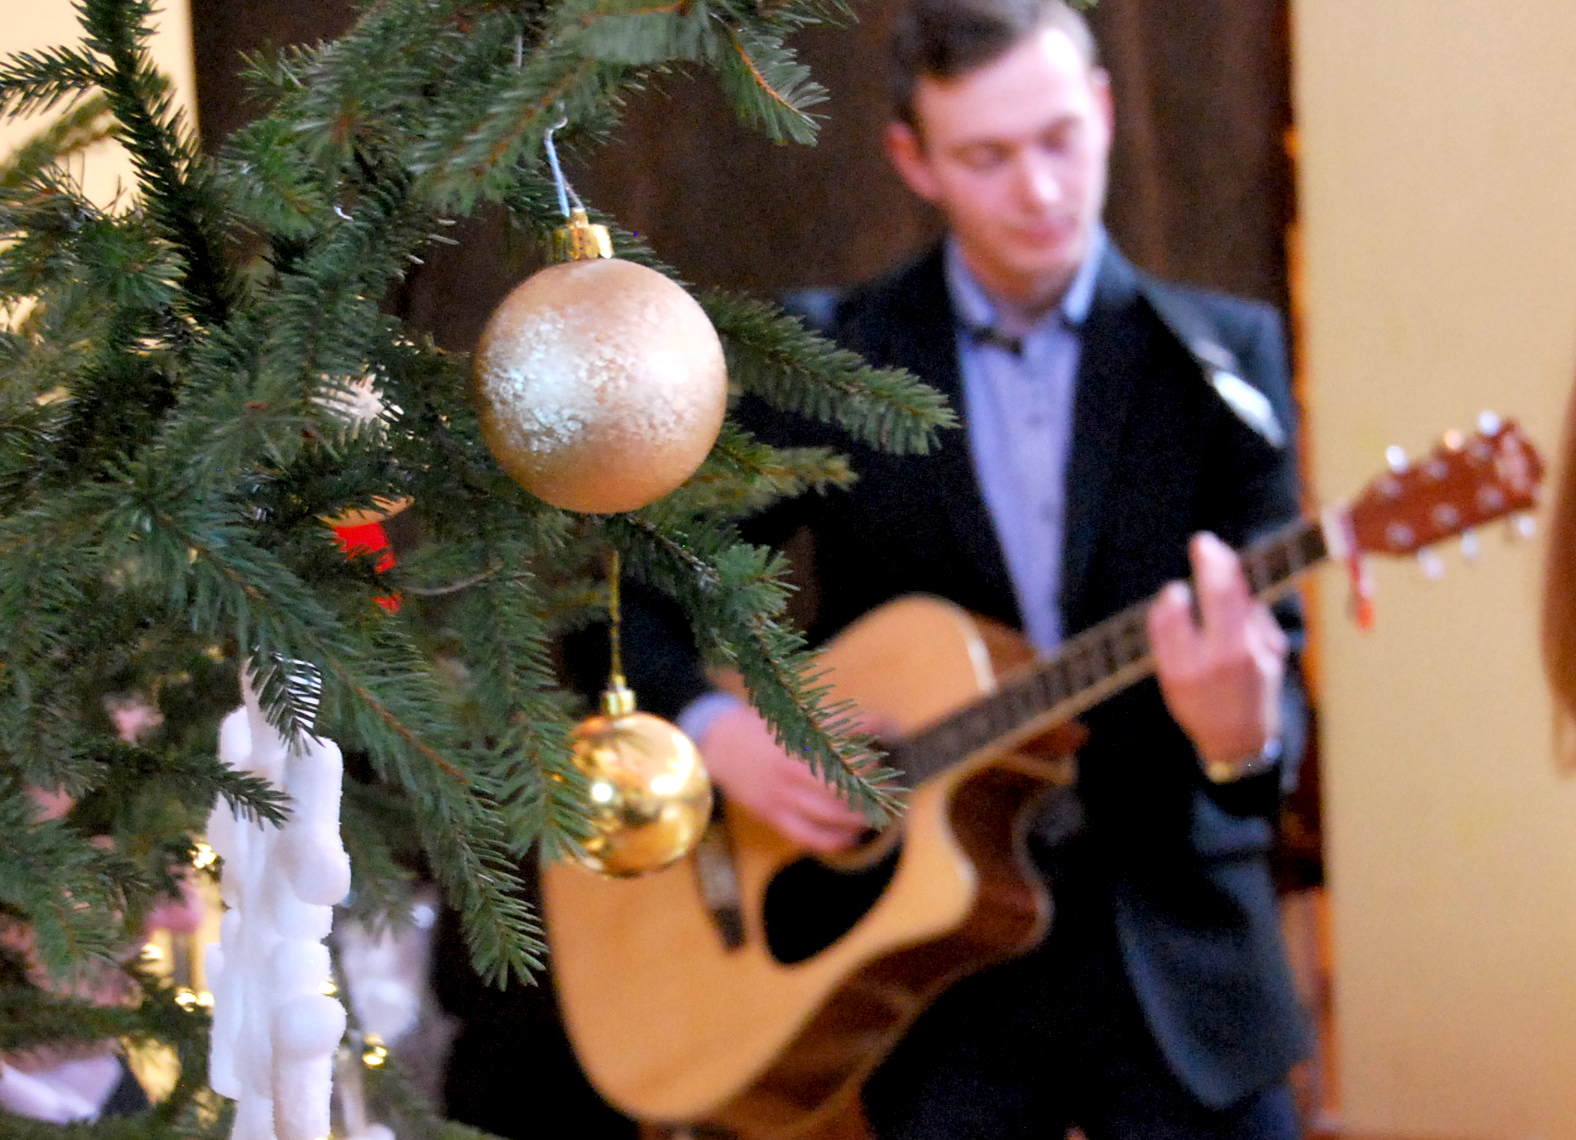 zdjęcie przedstawia pana grającego na gitarze i choinkę bożonarodzeniową na pierwszym planie